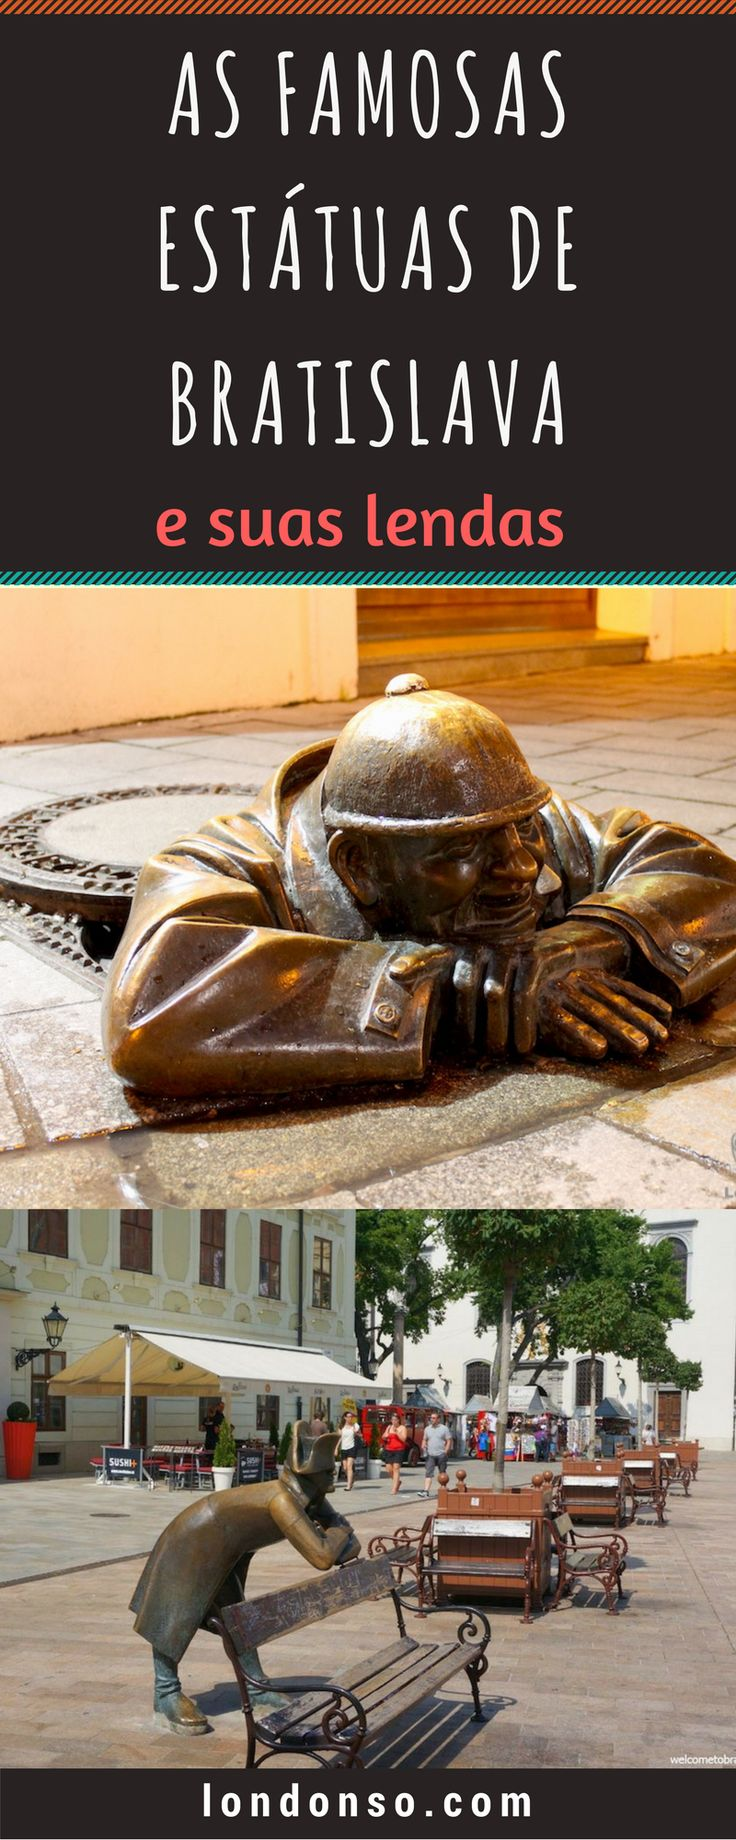 São várias estátuas famosas espalhadas por Bratislava. Conheça as histórias e lendas de cada uma delas.